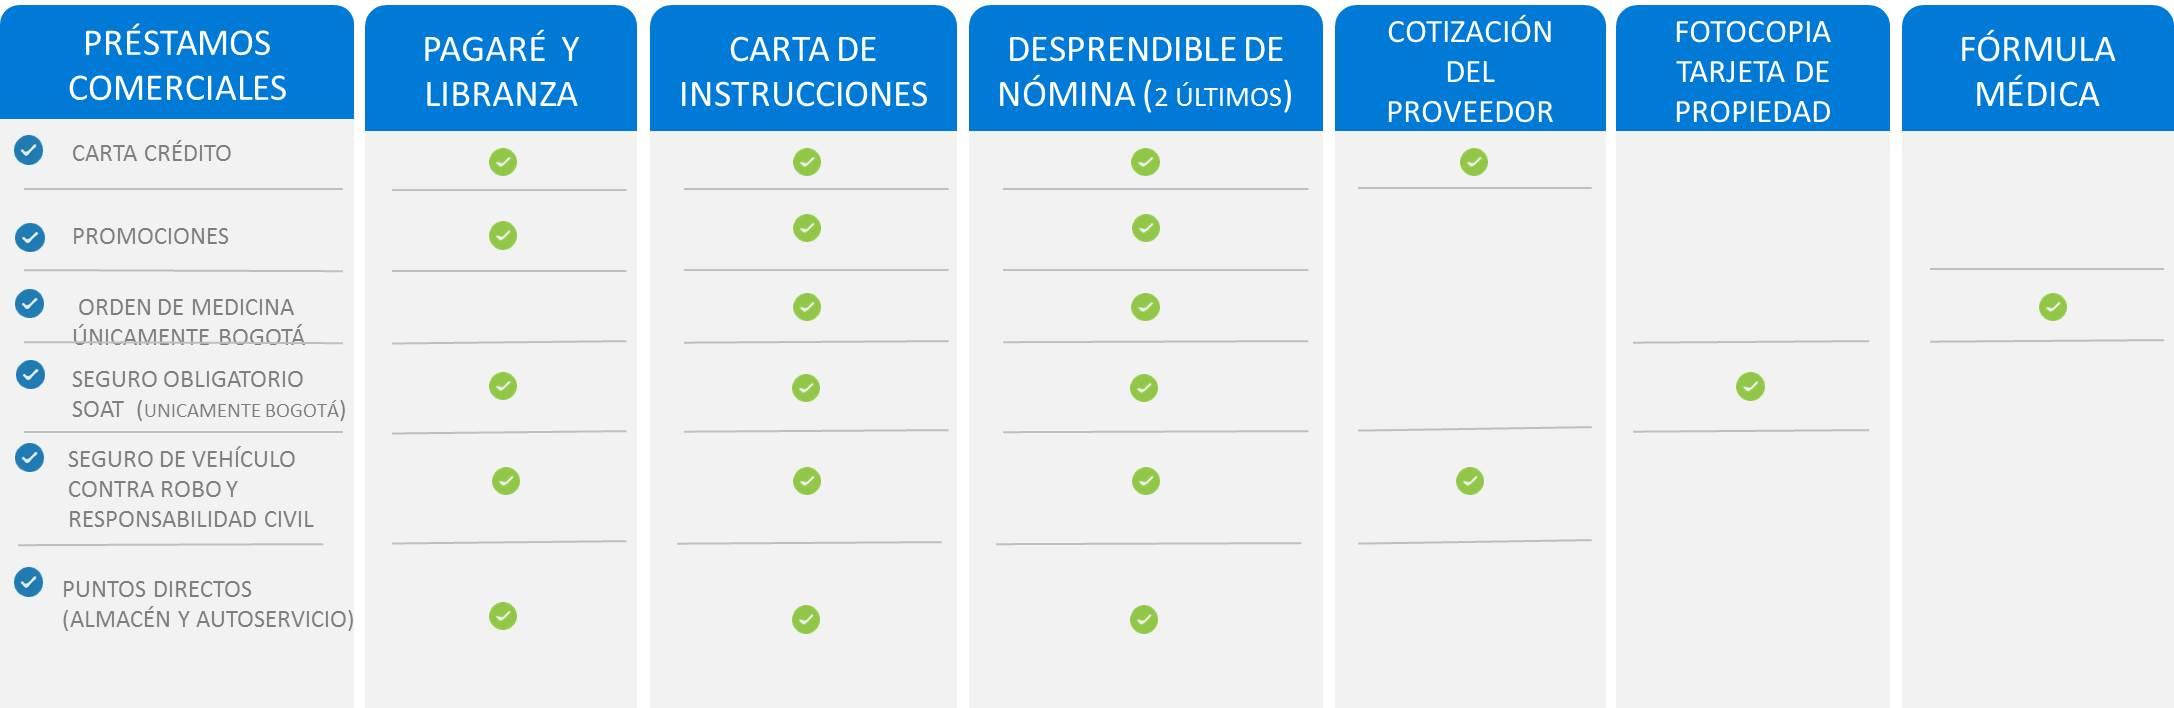 PRESTAMOS-COMERCIALES.jpg (106 KB)